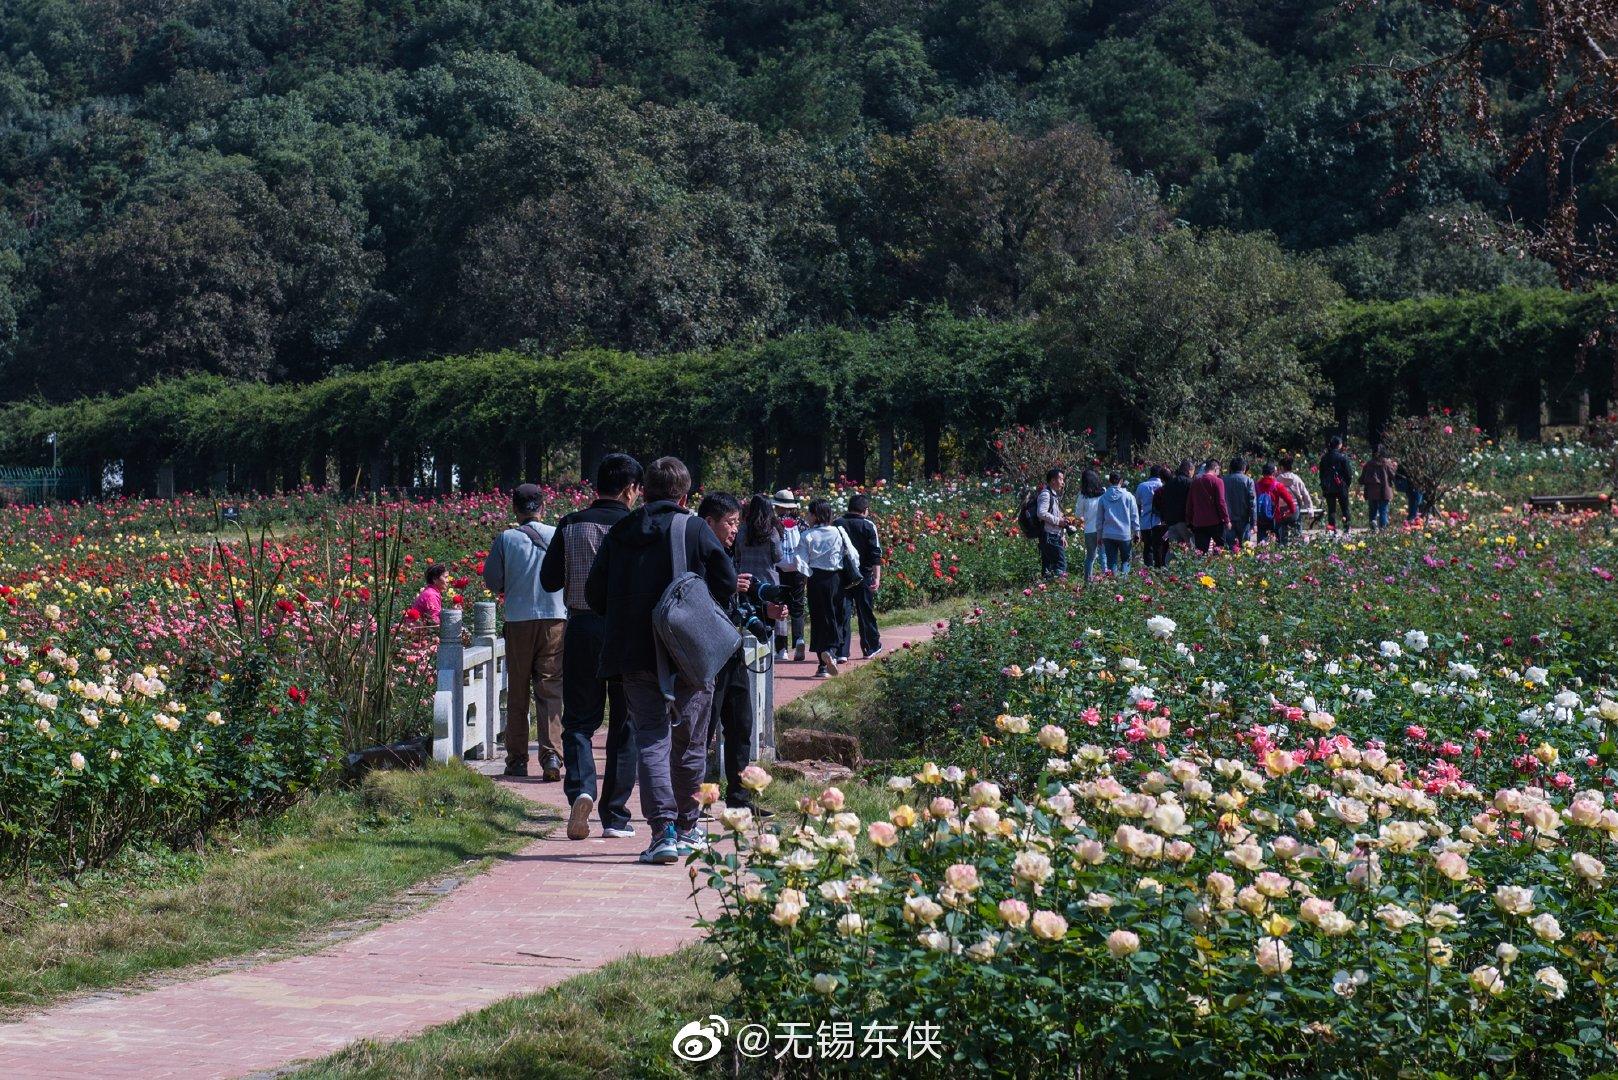 大浮山中又是繁花似锦。龙寺生态园的月季花海